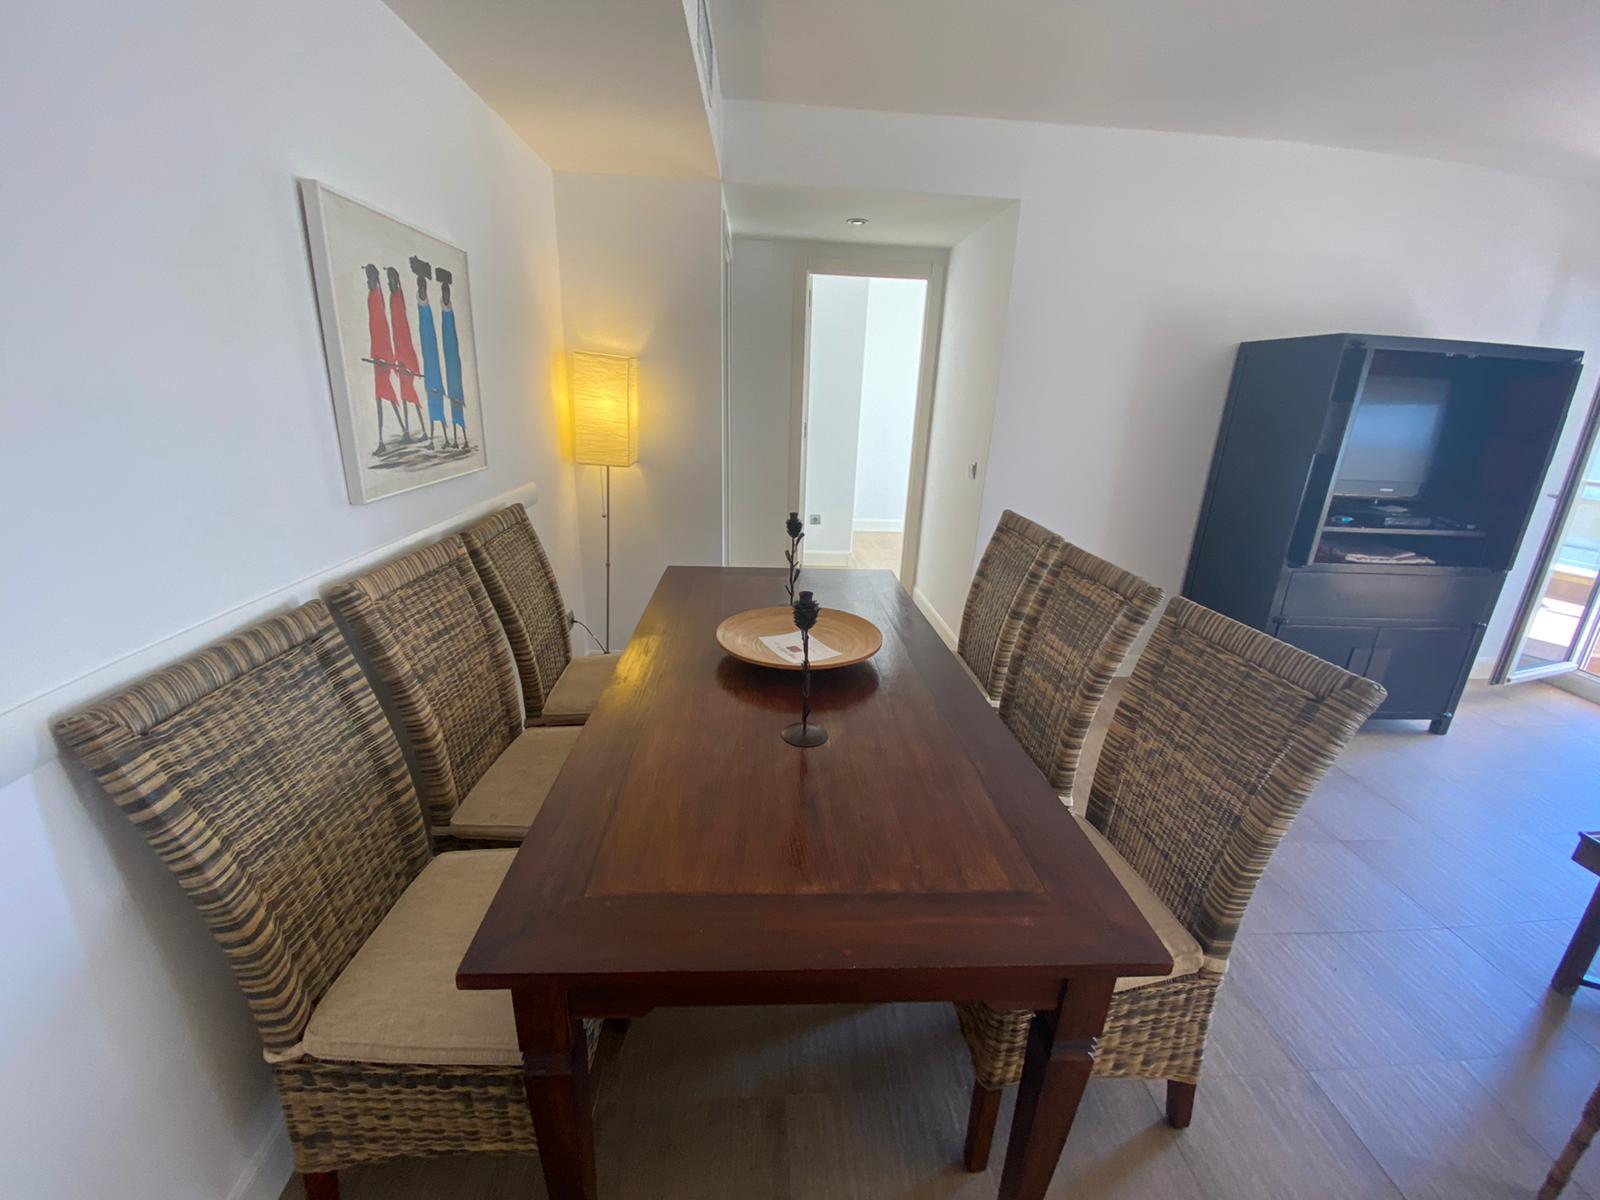 Imagen 2 del Apartamento Turístico, Ático 1 Central (3d+2b), Punta del Moral (HUELVA), Paseo de la Cruz nº22